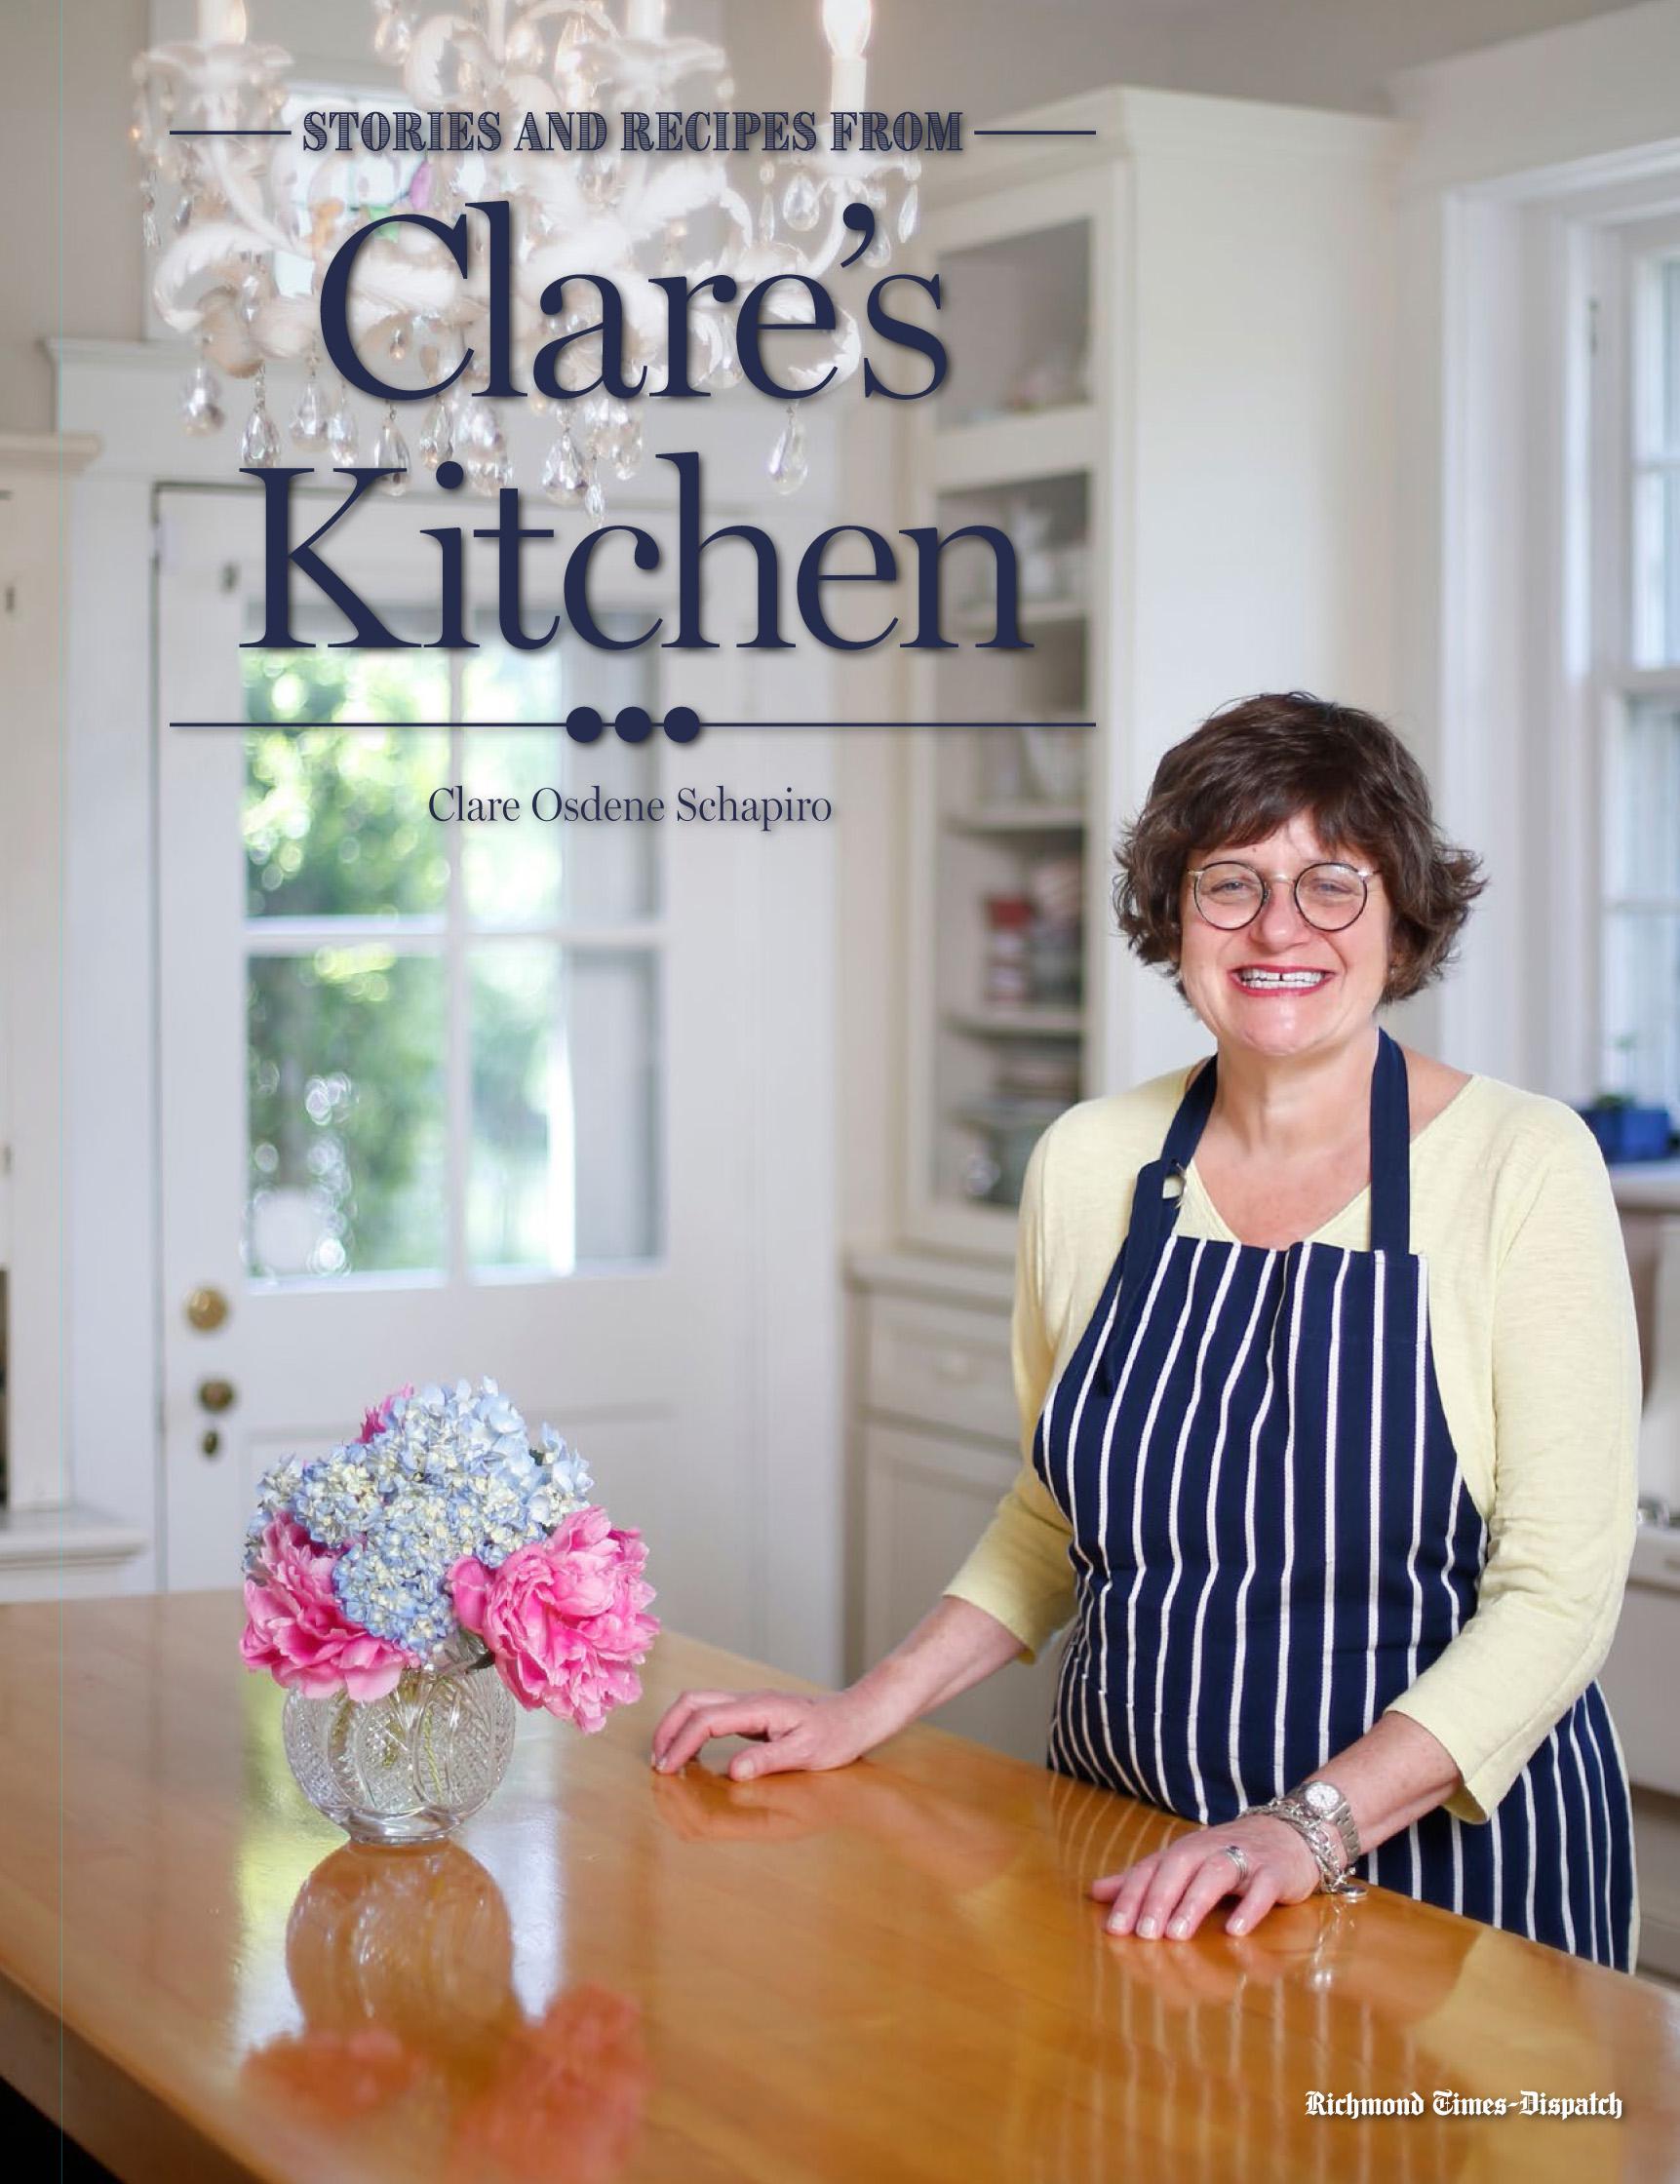 Clares_Kitchen FINAL.jpg